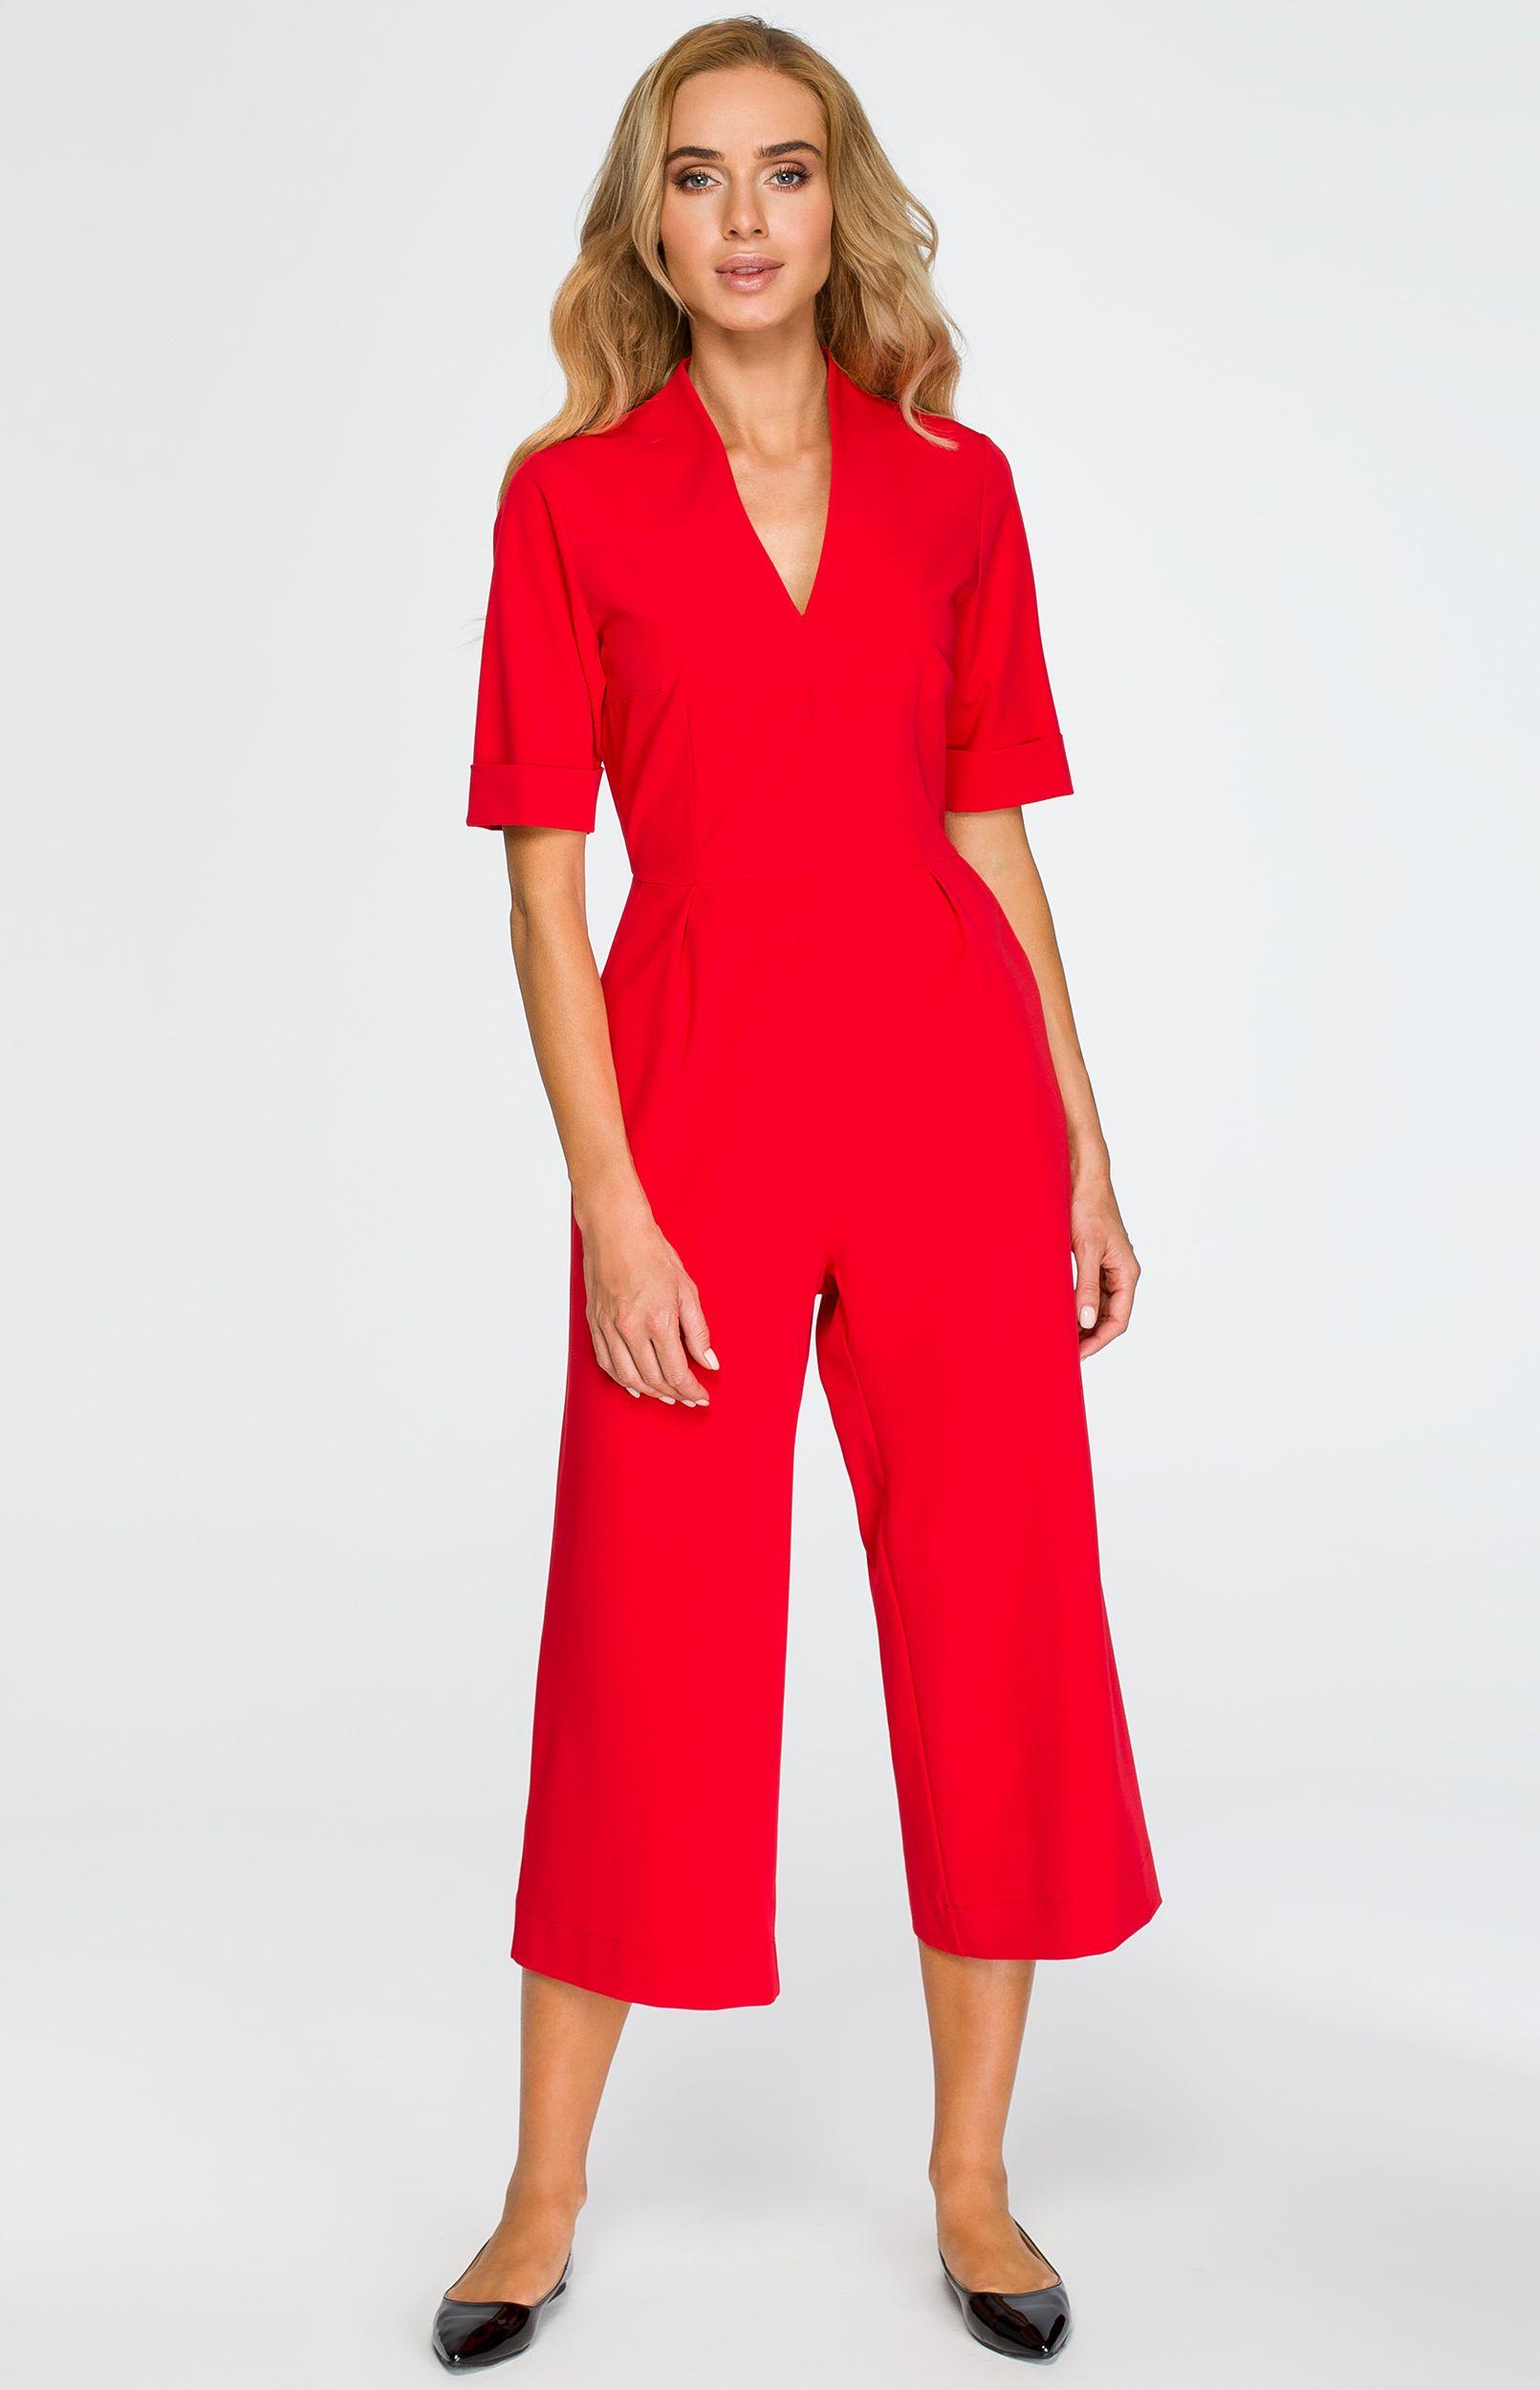 vraiment à l'aise obtenir pas cher haute qualité Combinaison pantalon court rouge